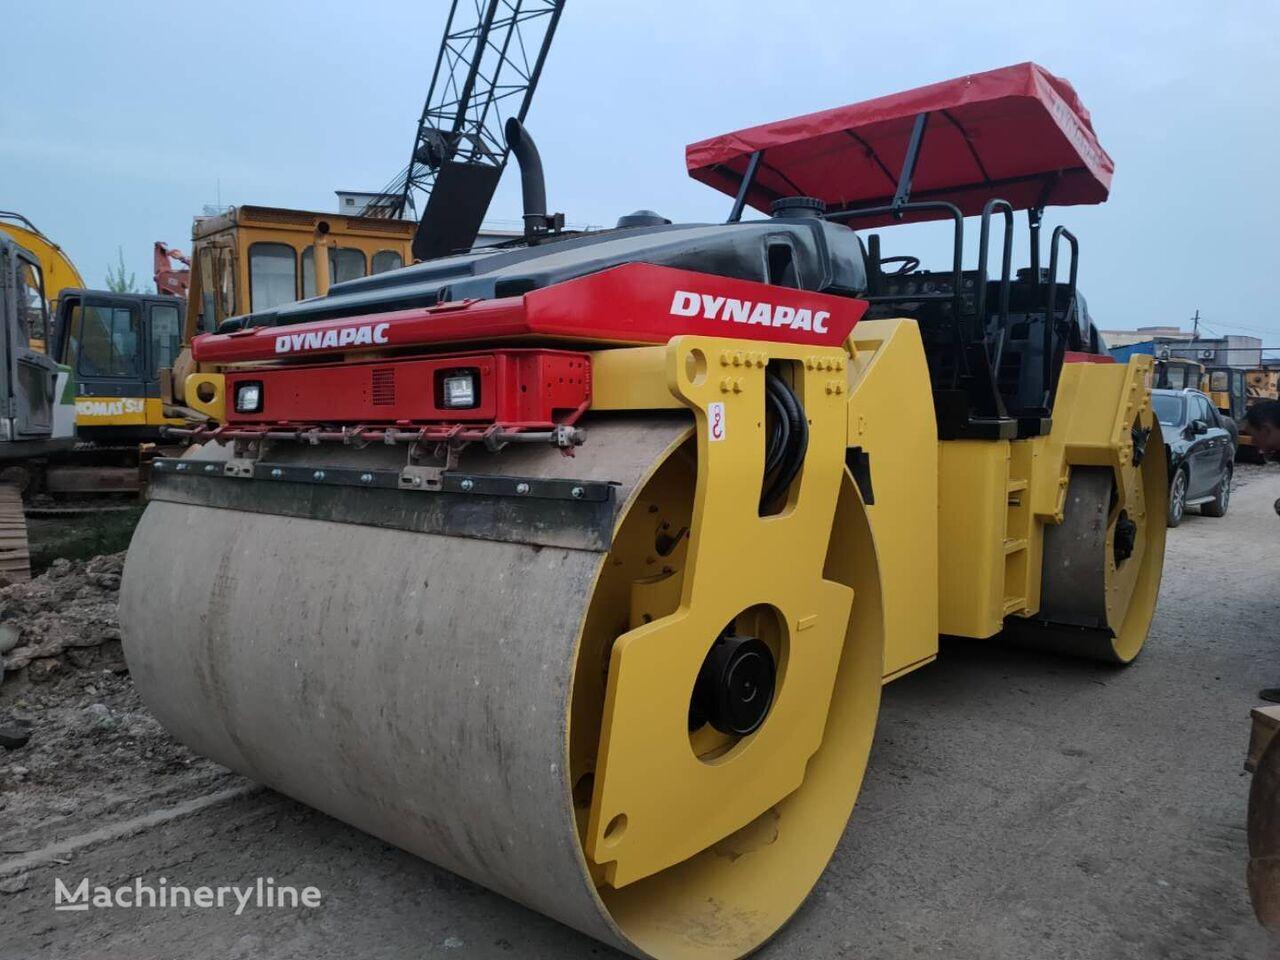 DYNAPAC CC622 road roller